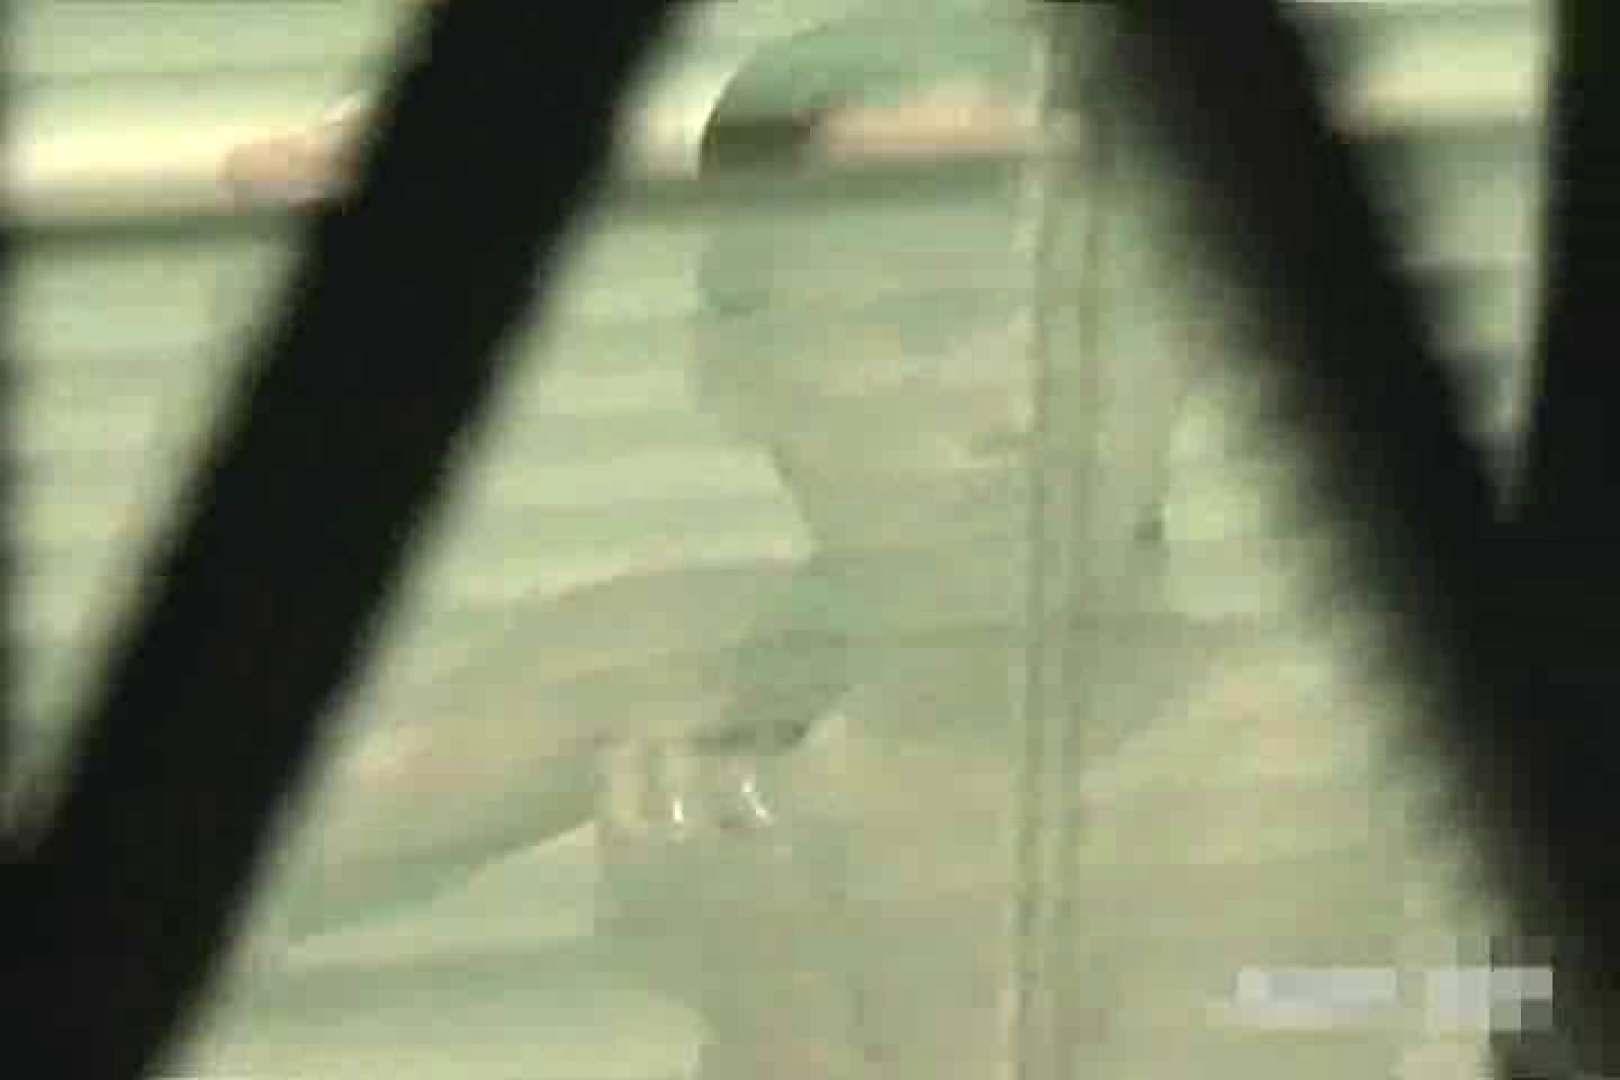 激撮ストーカー記録あなたのお宅拝見しますVol.4 0   0  51画像 31